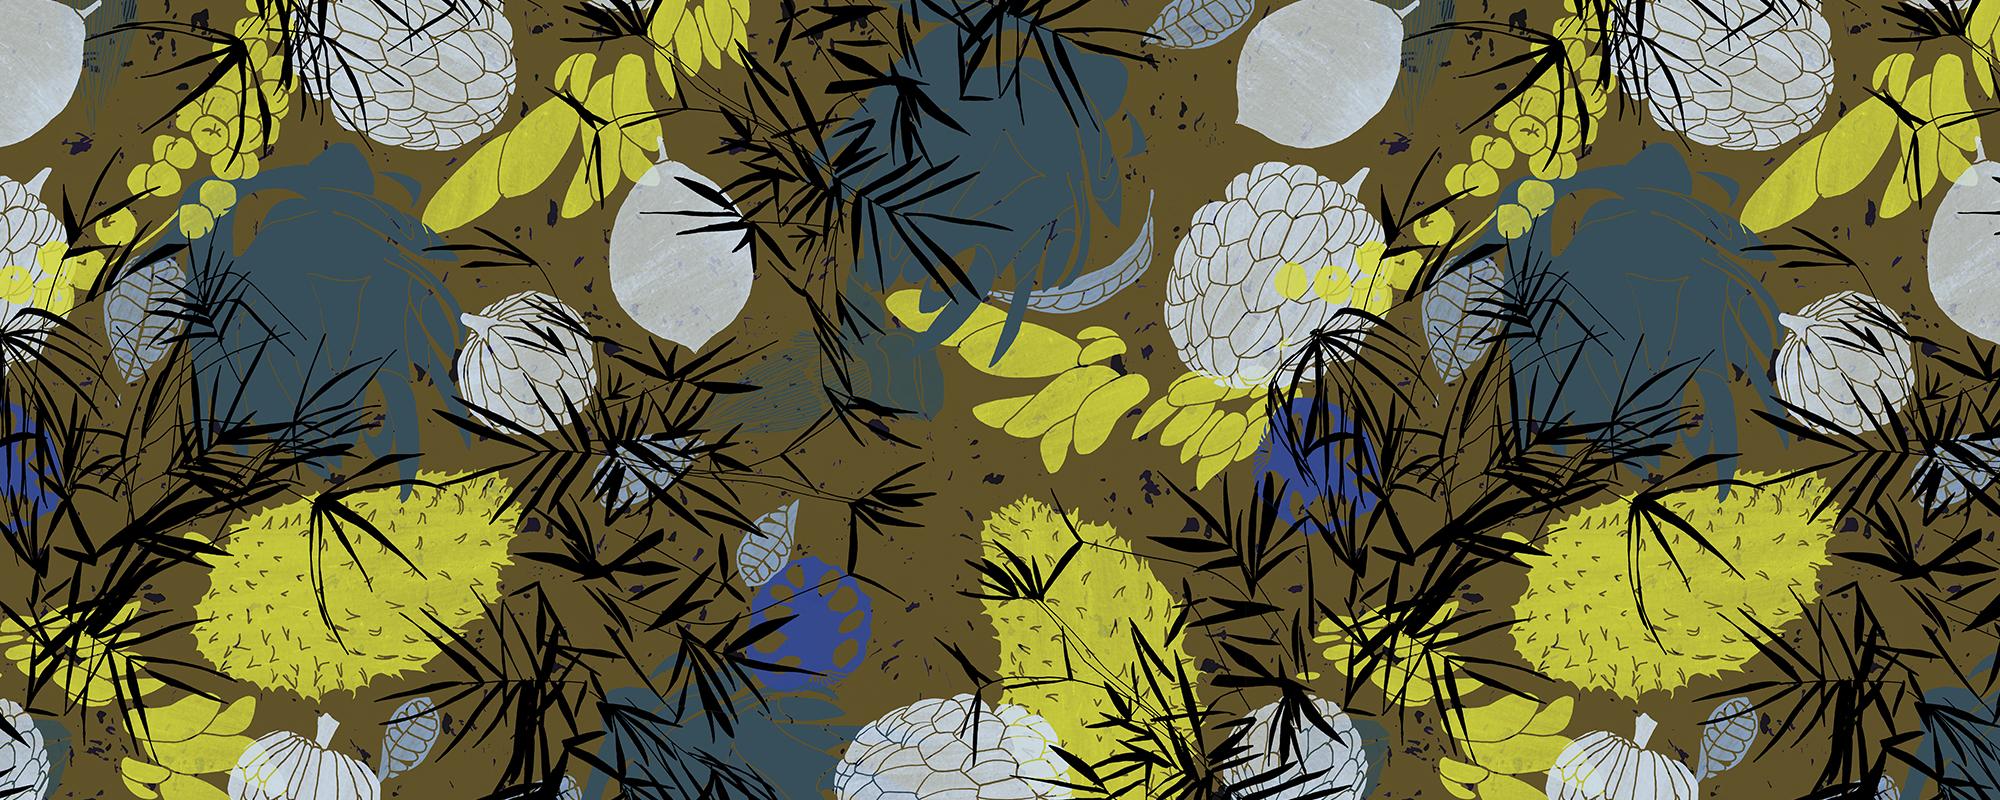 Papier peint original marron et jaune, motifs végétaux